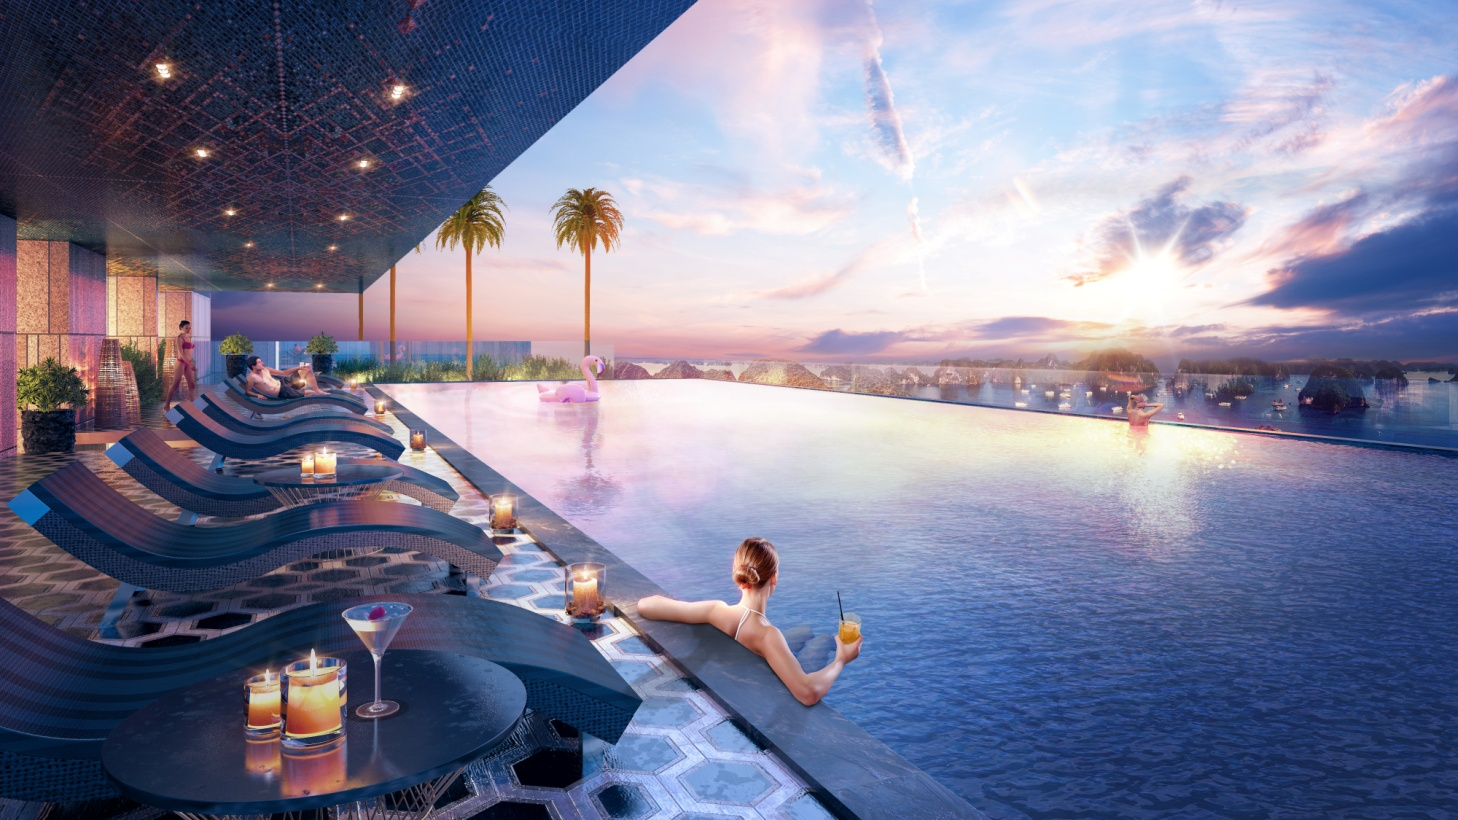 Skrbar cao nhất Hạ Long, bể bơi vô cực bốn mùa,… là những tiện ích nổi bật dành cho cư dân Green Diamond.